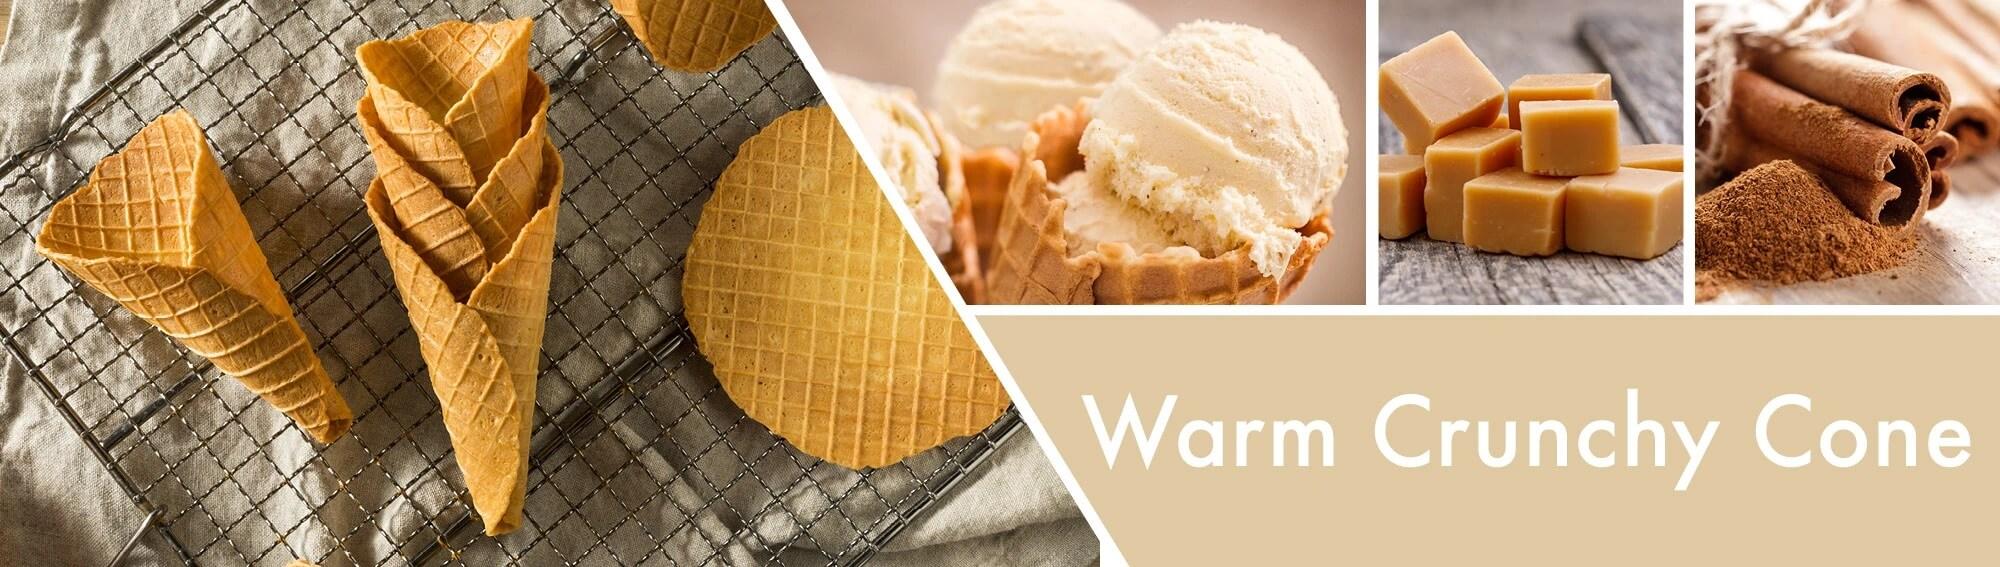 Warm-Crunchy-Cone-Banner